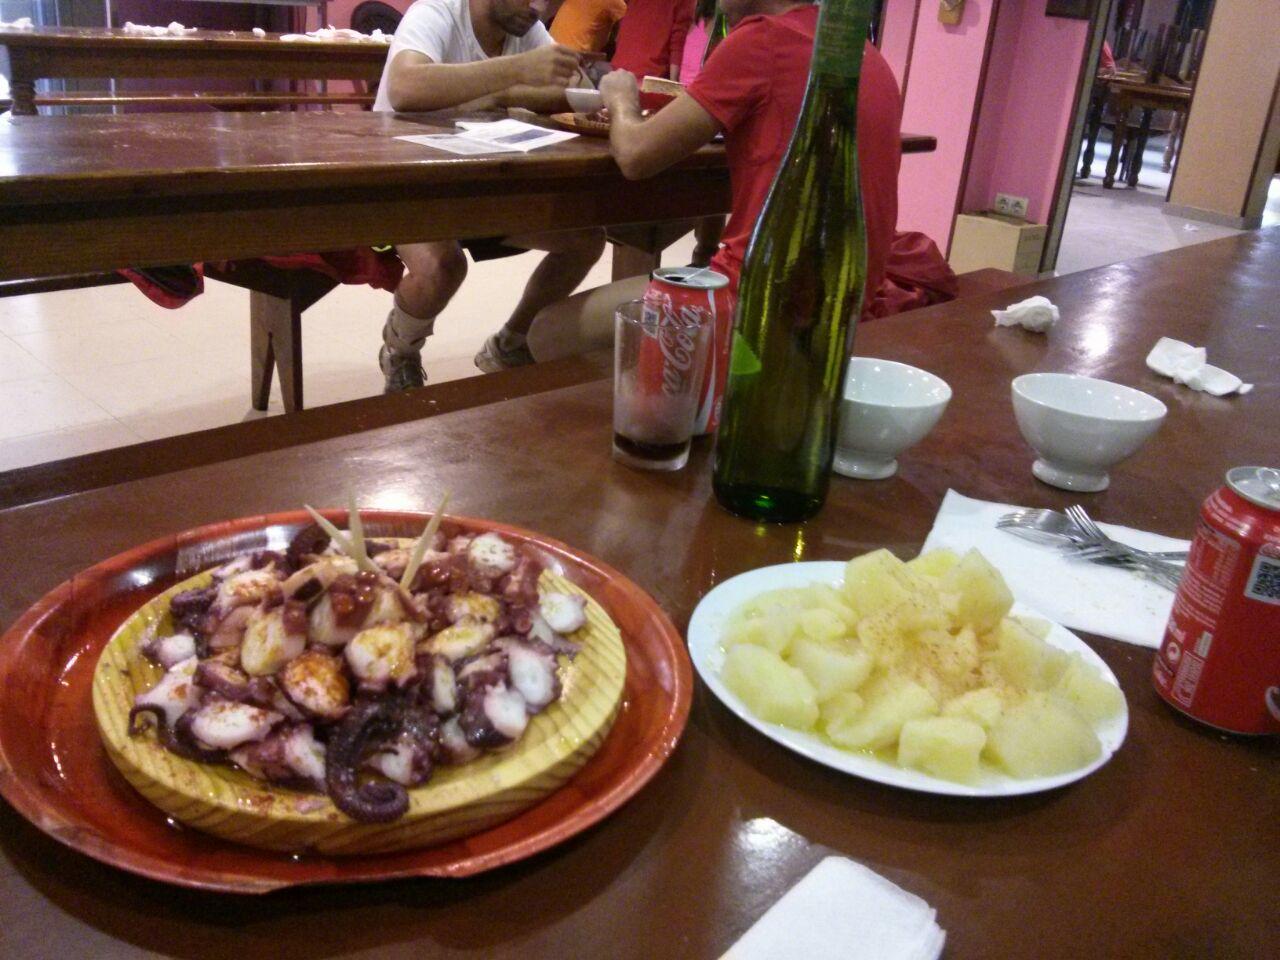 camino de santiago iphone 2014 1315